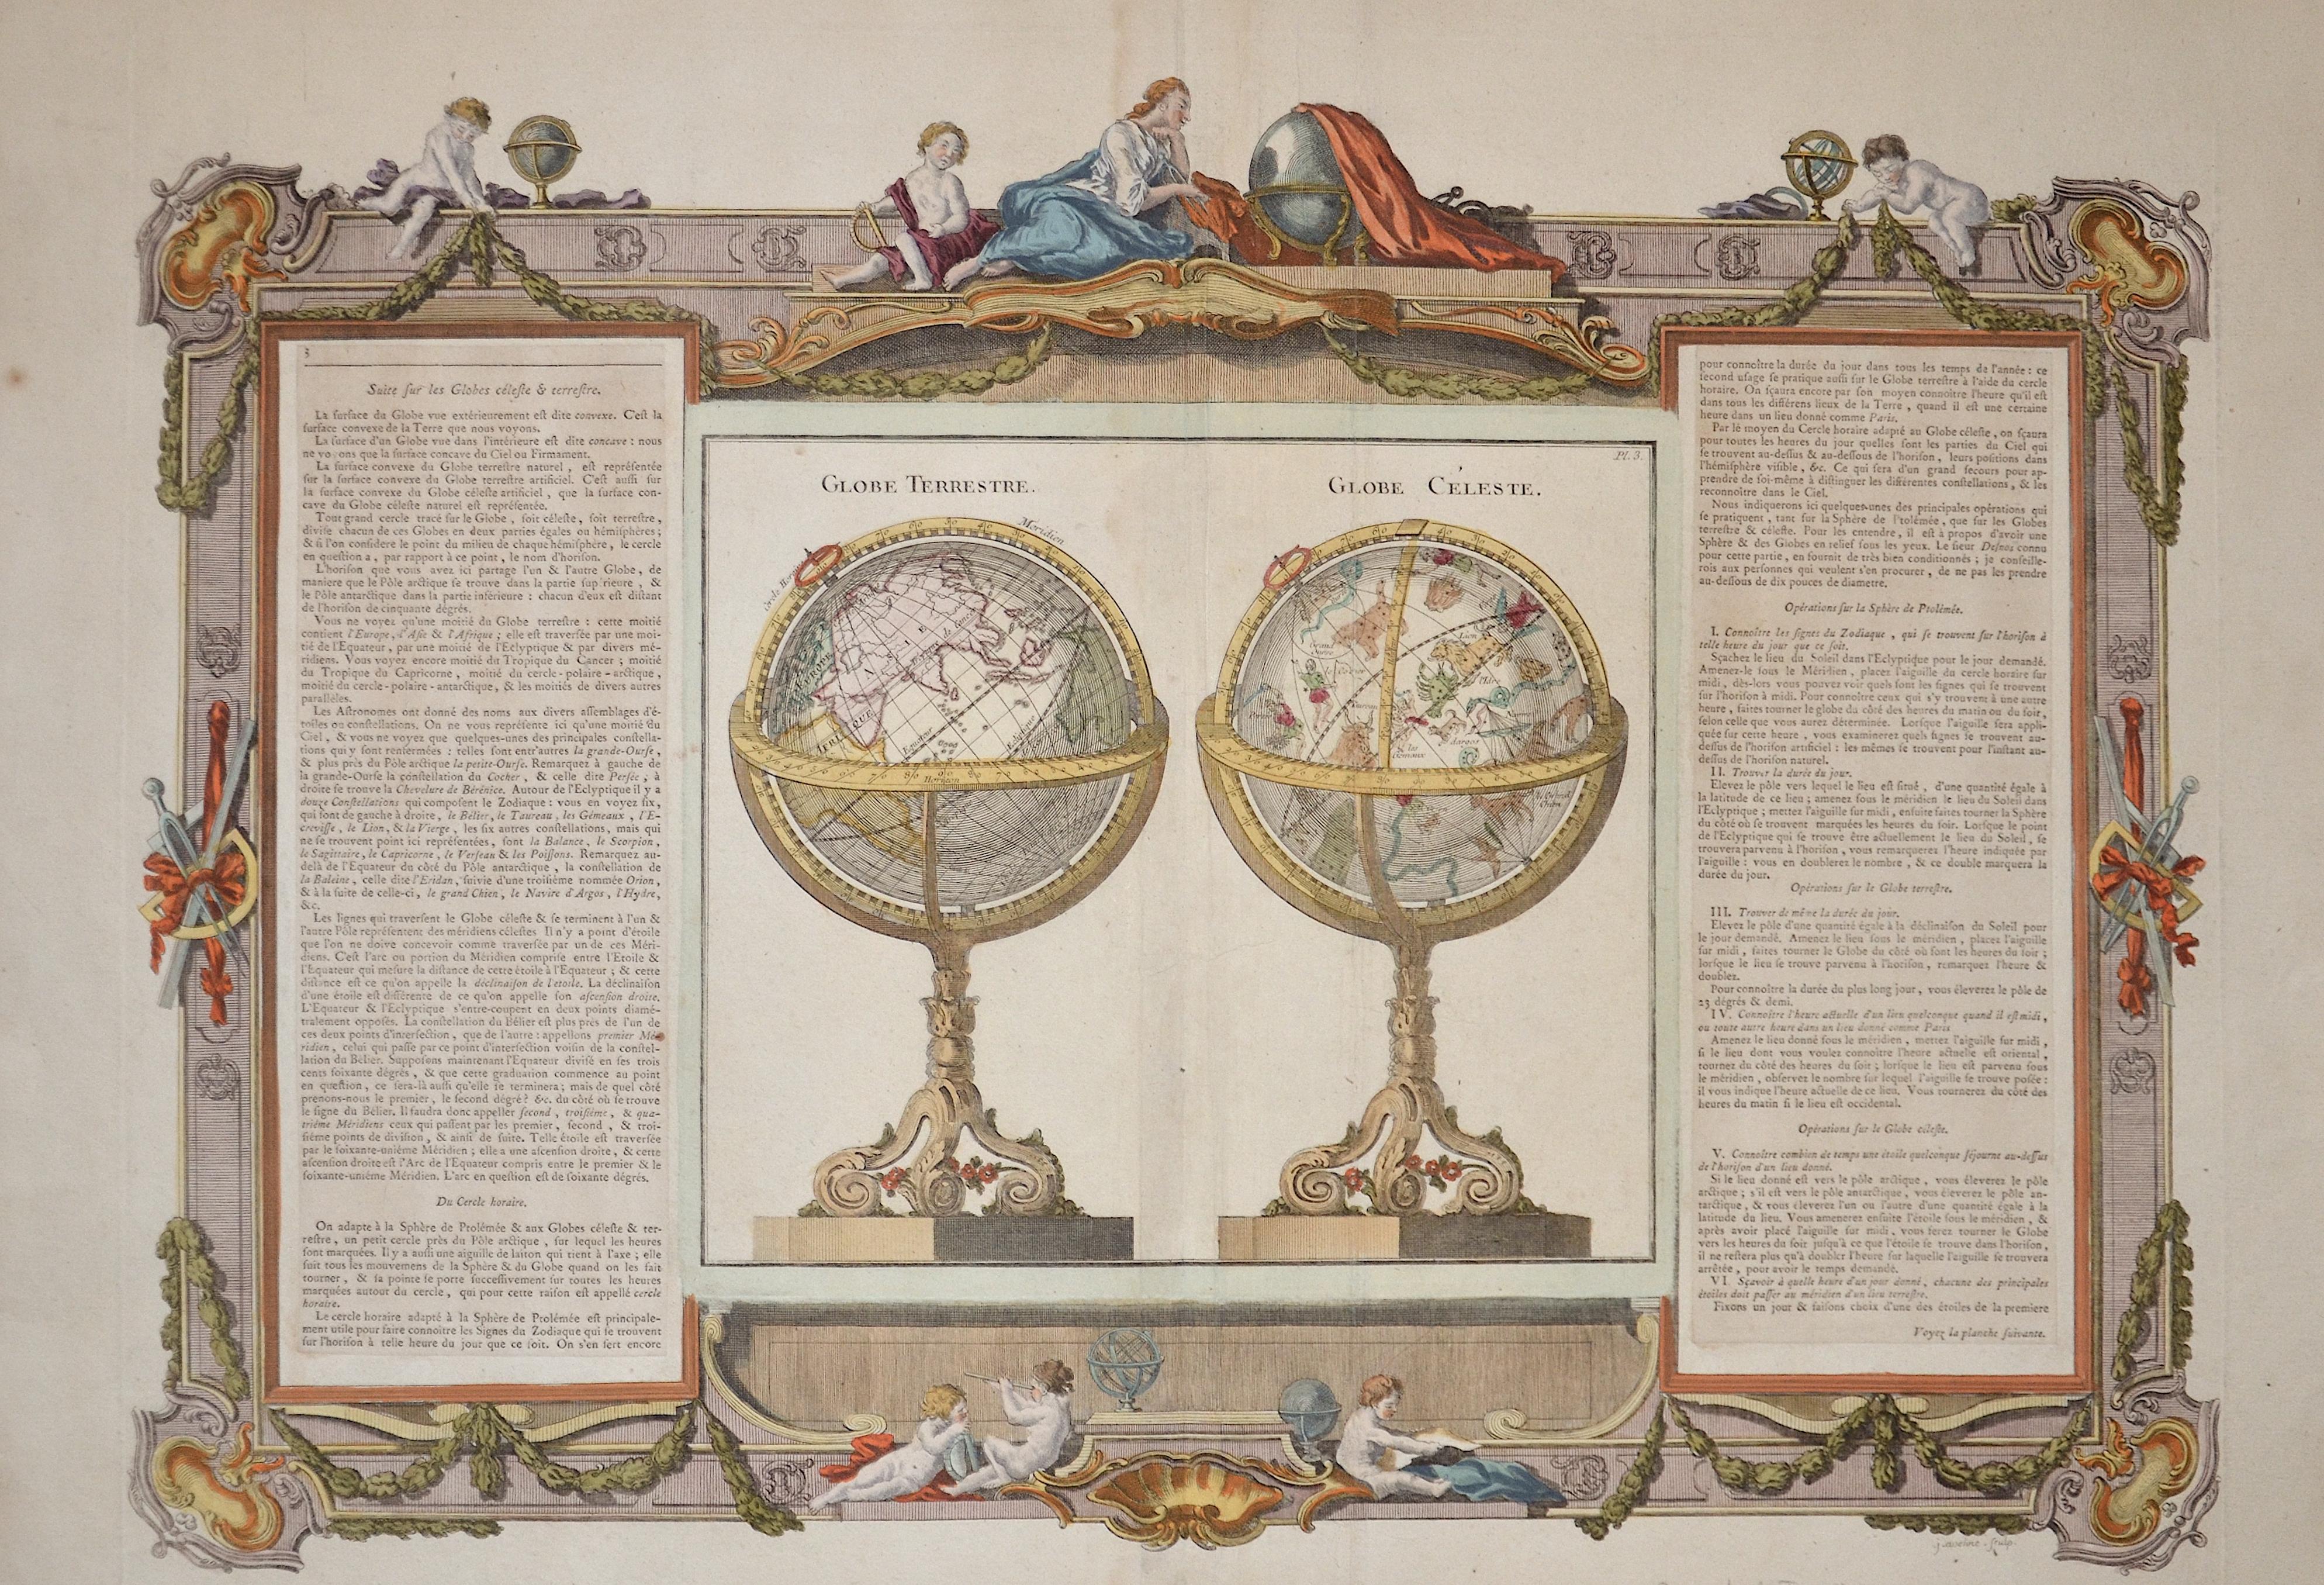 Brion de la Tour Louis Globe Terrestre. Globe Céleste.